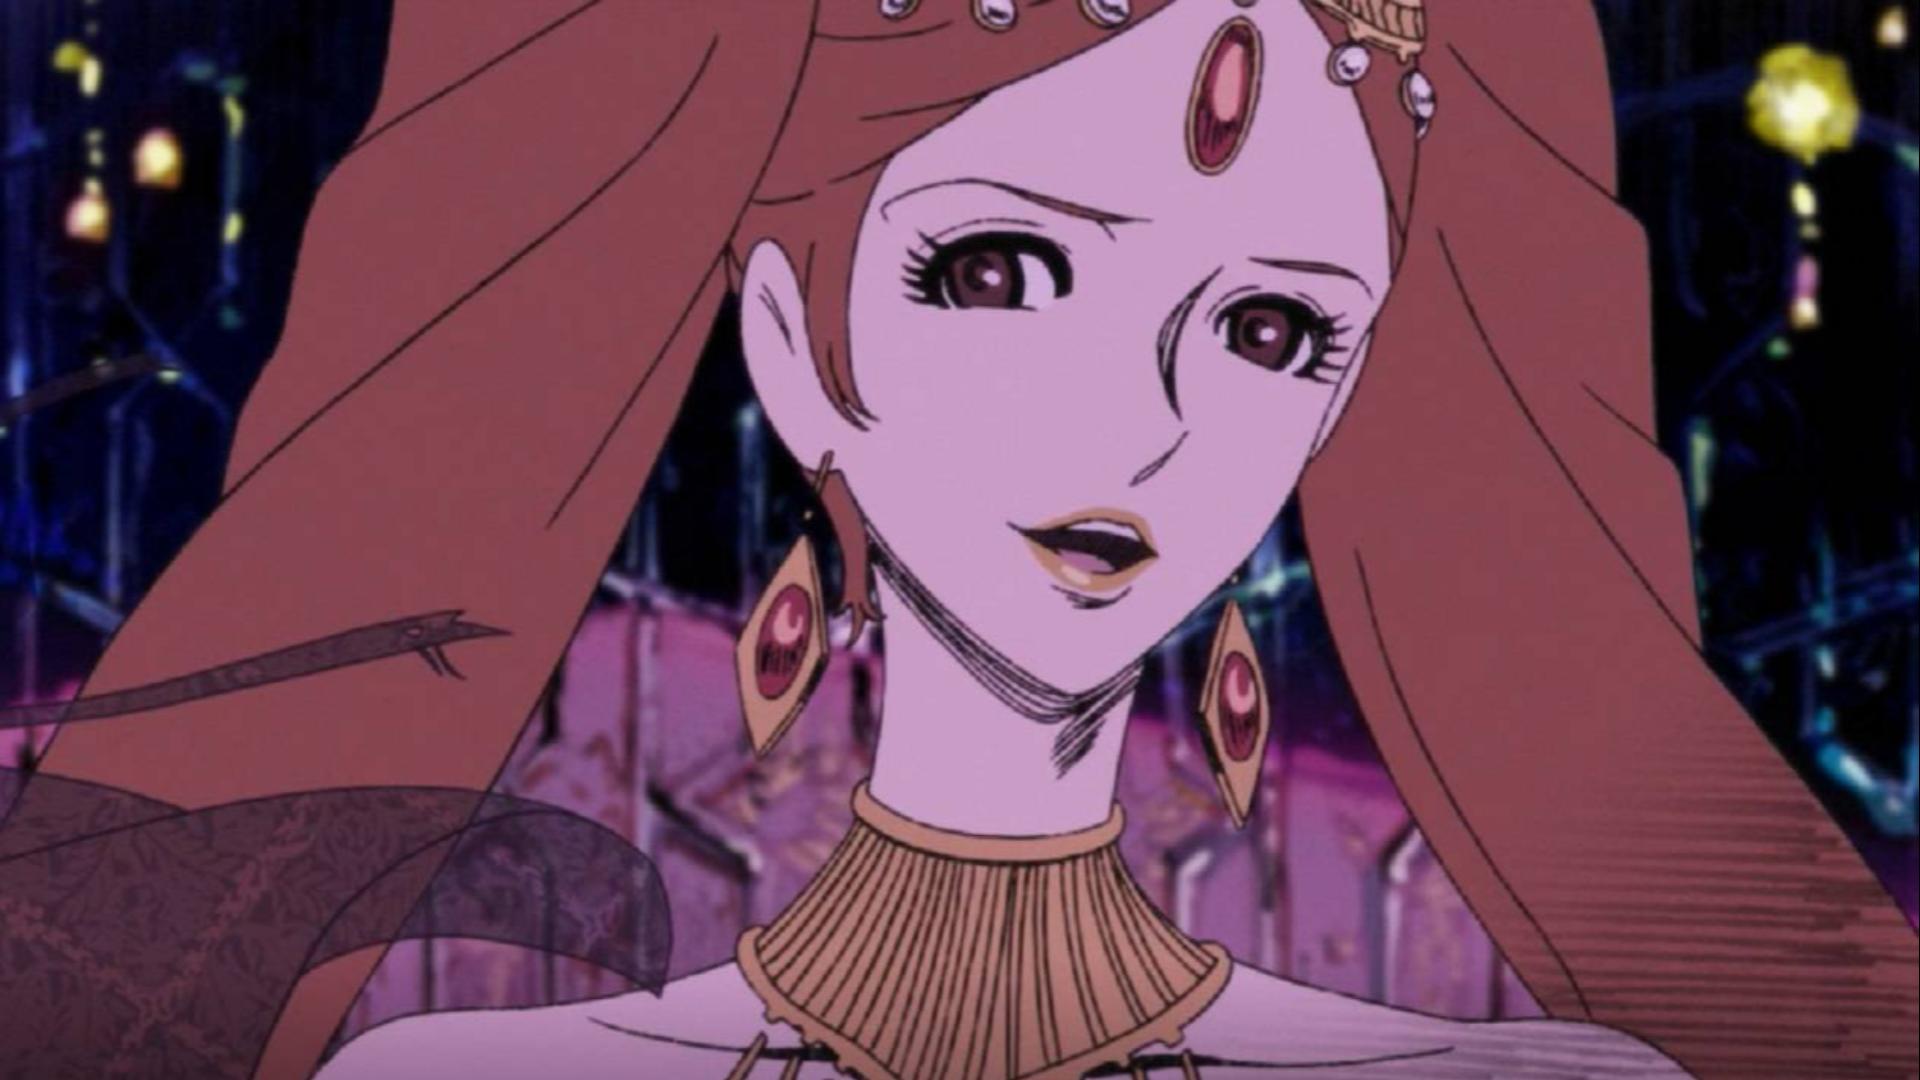 动画中最经典的御姐鼻祖,万千宅男为她着迷,无法被超越的经典